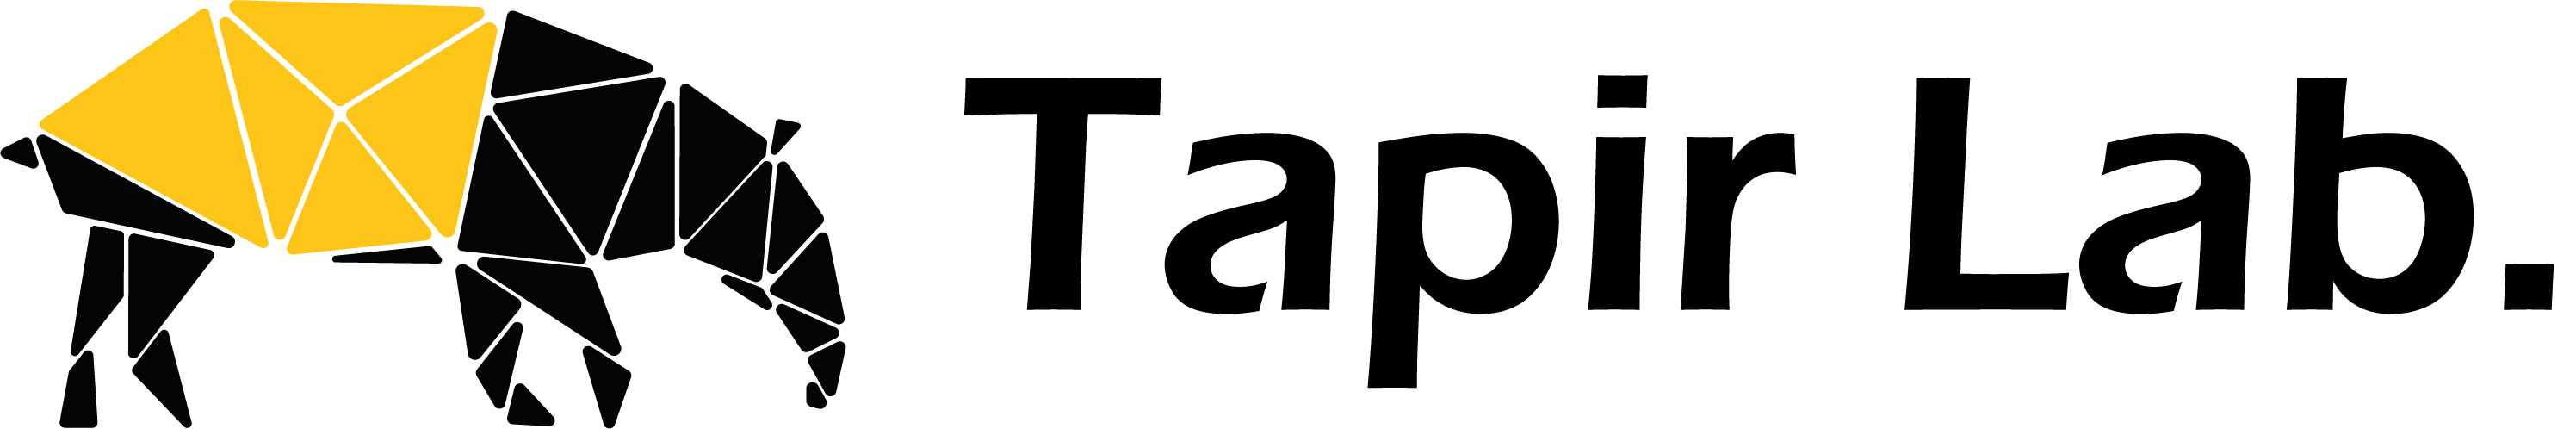 Tapir Lab.